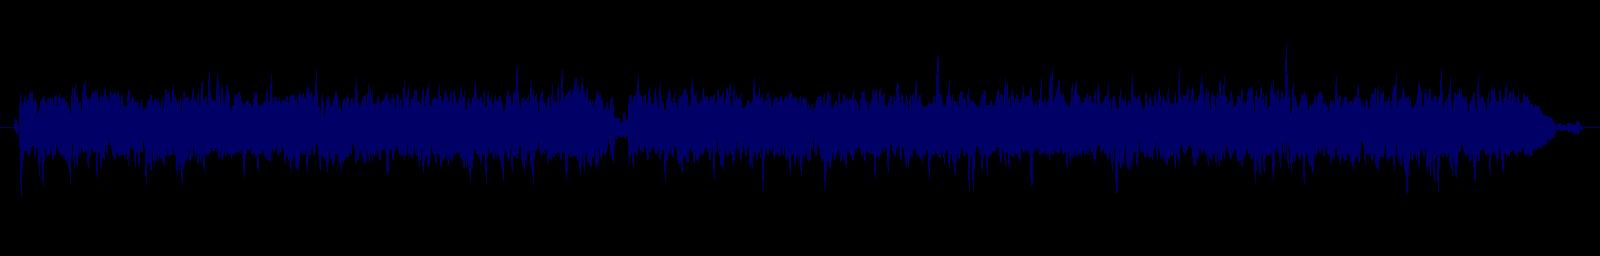 waveform of track #120312